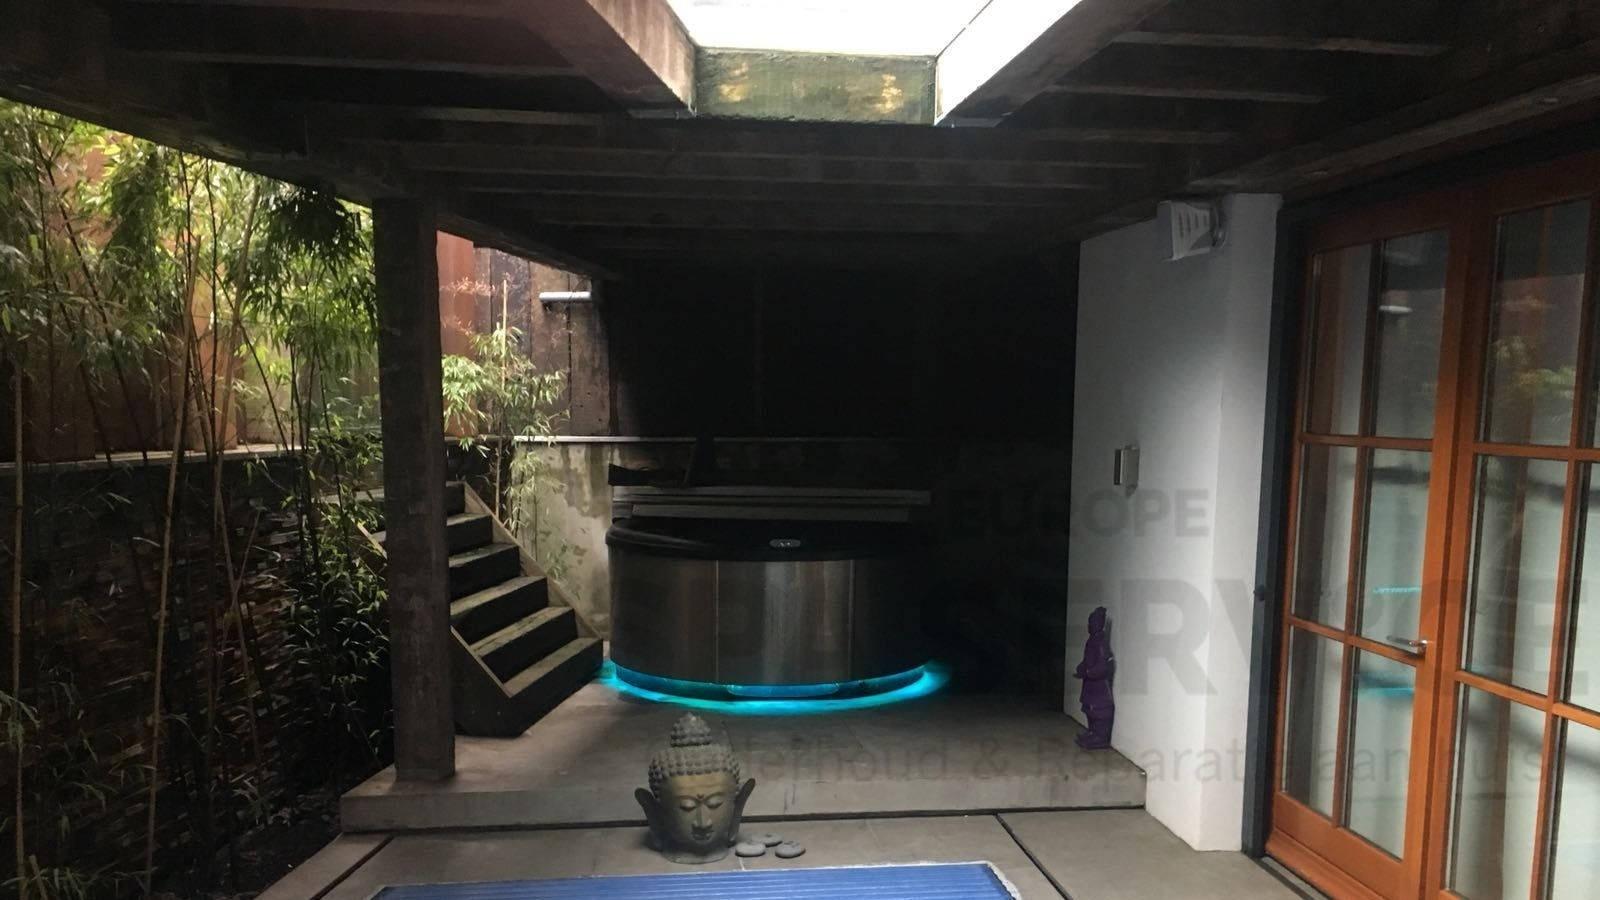 Ozonator vervangen van een custom-made roestvast stalen Villeroy & Boch spa in Amstelveen